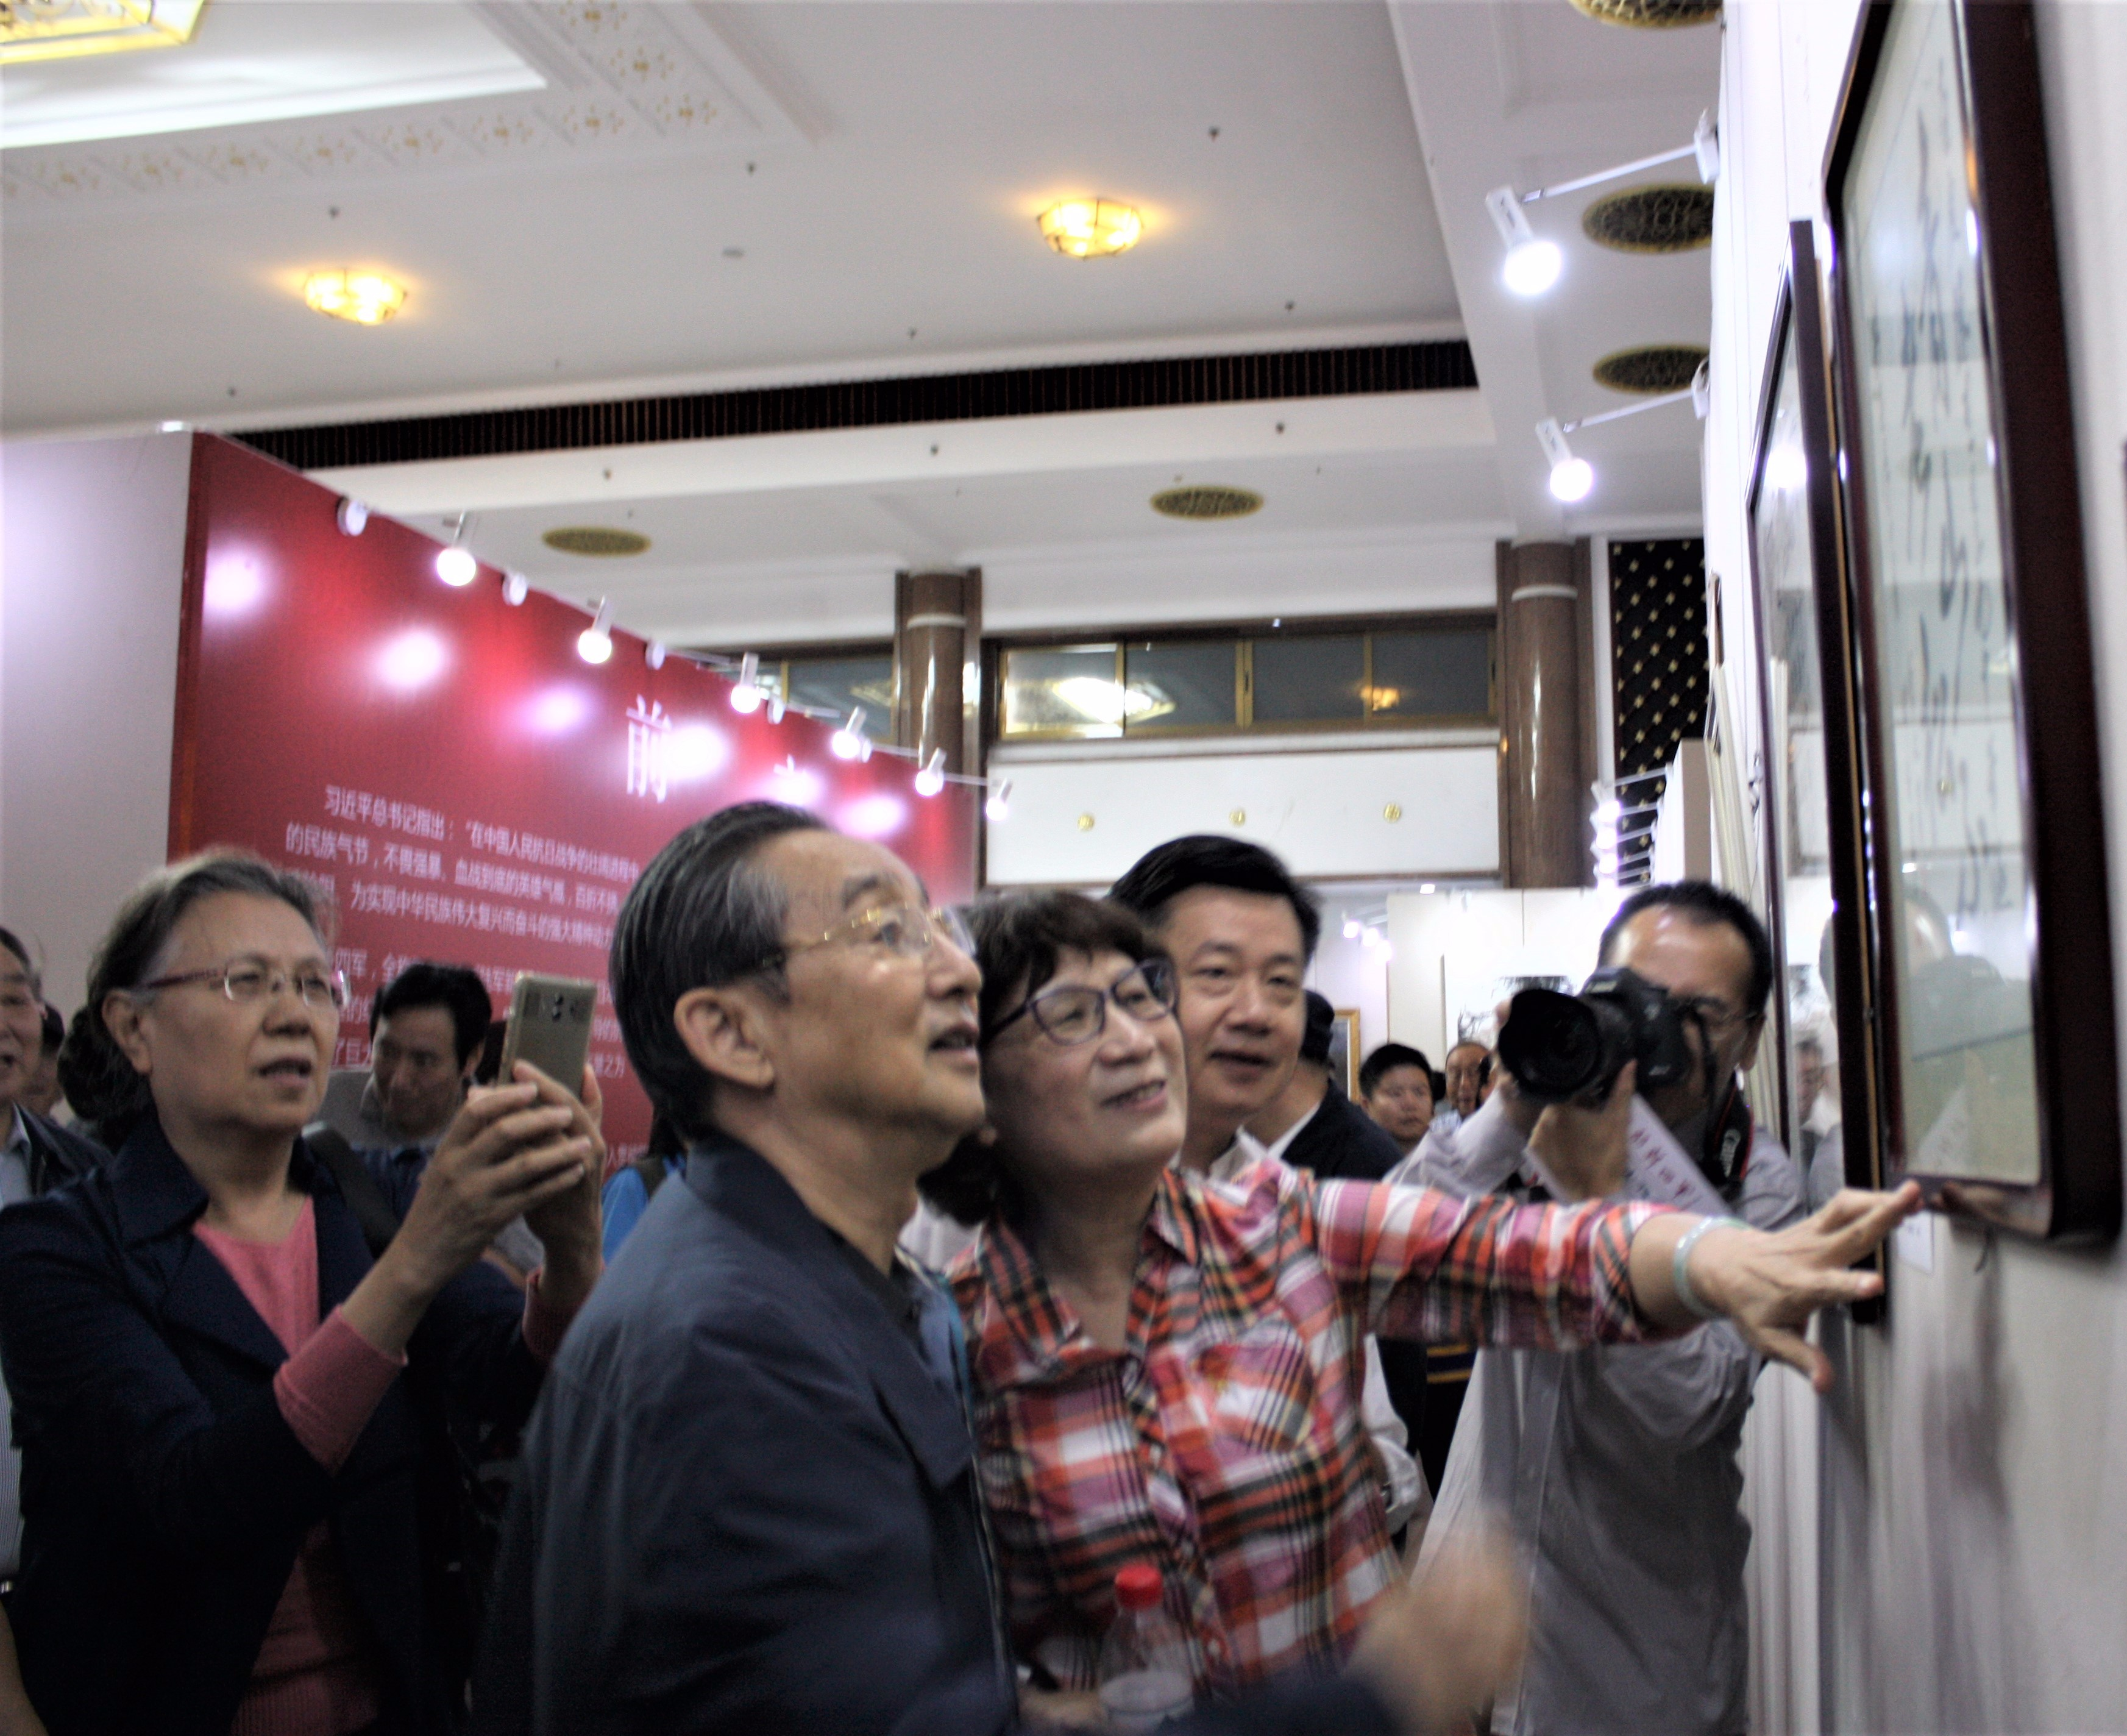 新四军将领彭雪枫之子、原第二炮兵政委彭小枫上将观看展览.JPG